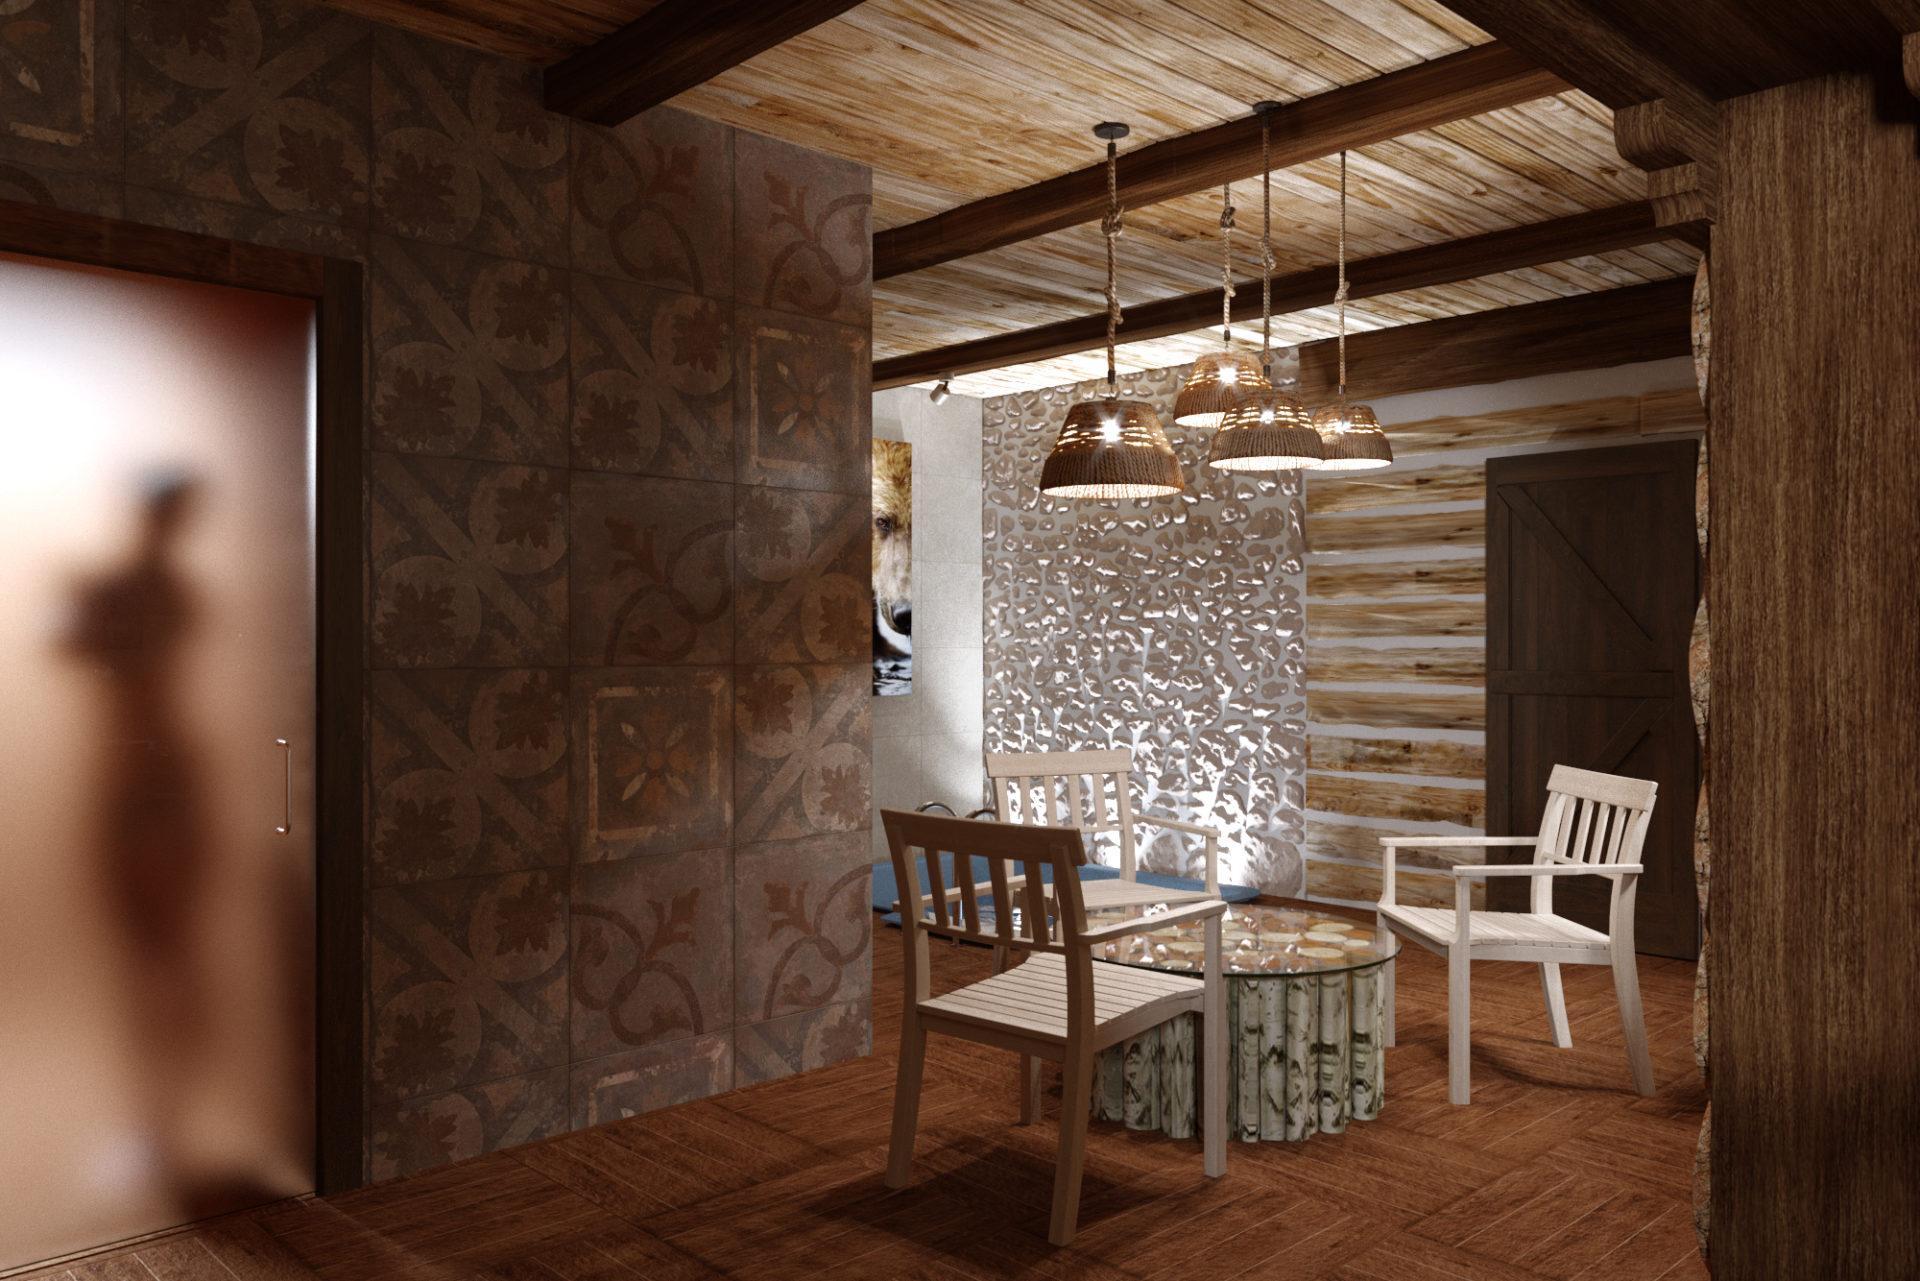 BanyaMchrnsk_Rus__Interactive LightMix0003